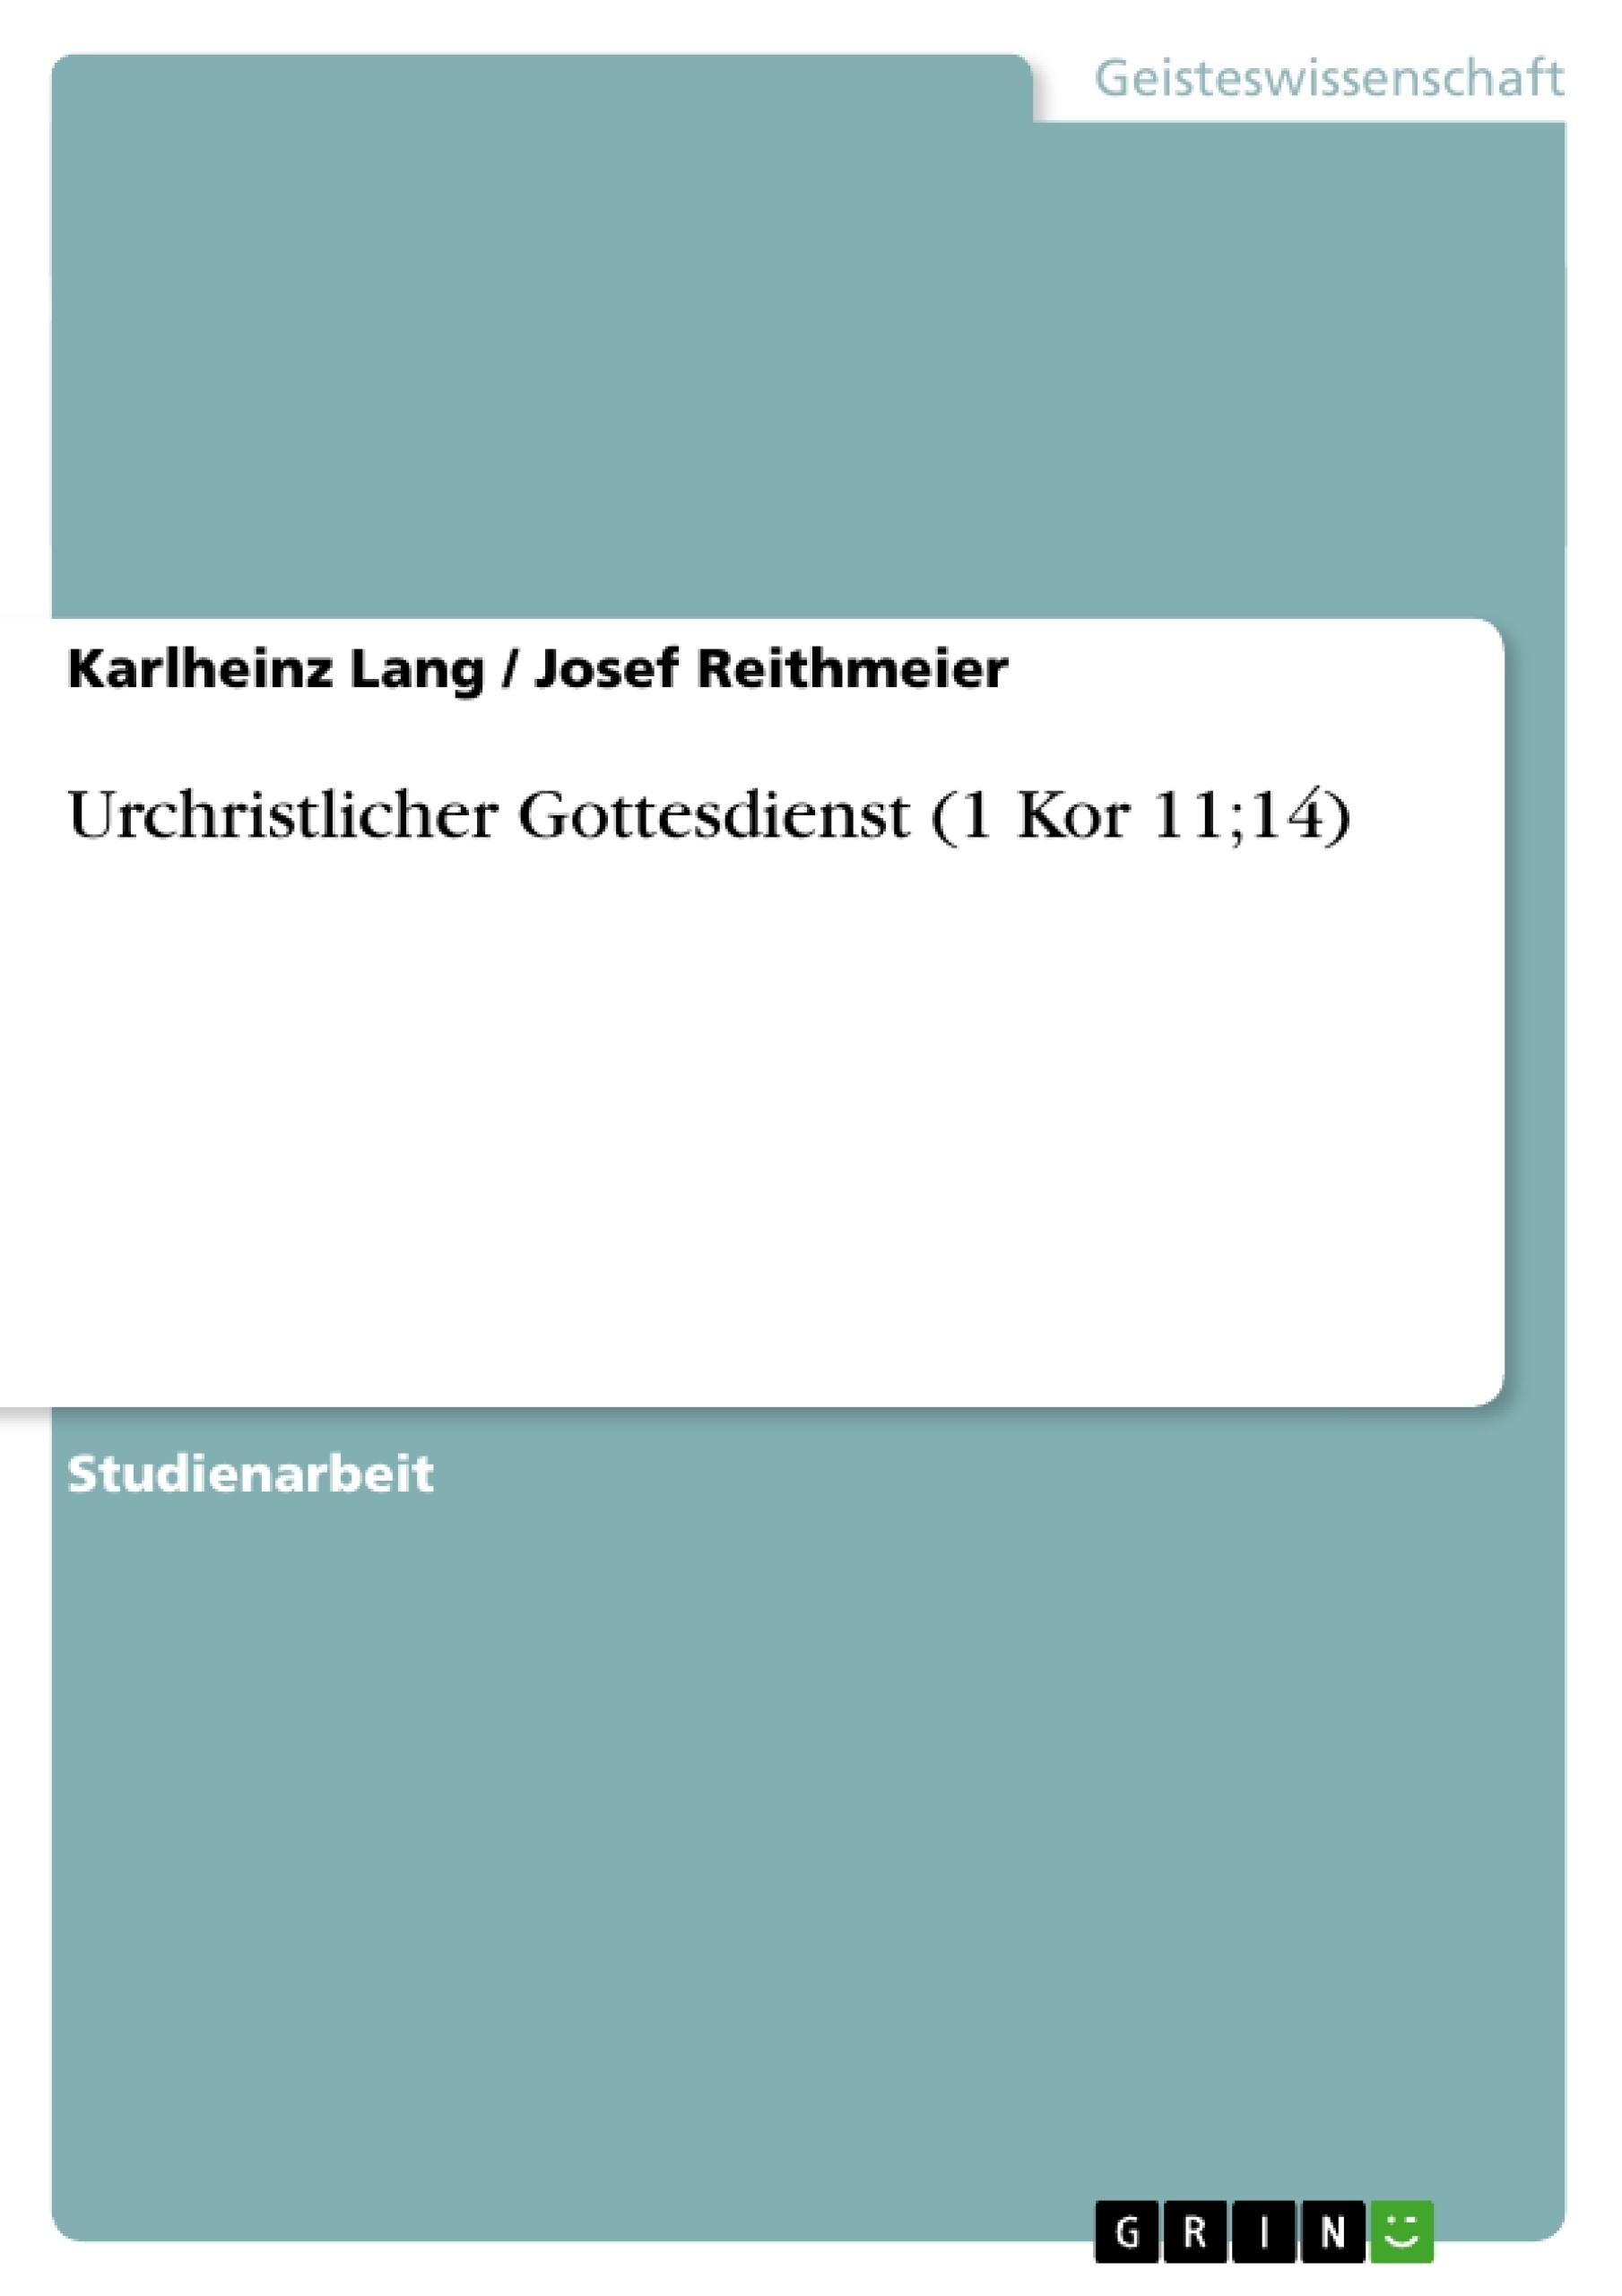 Titel: Urchristlicher Gottesdienst (1 Kor 11;14)